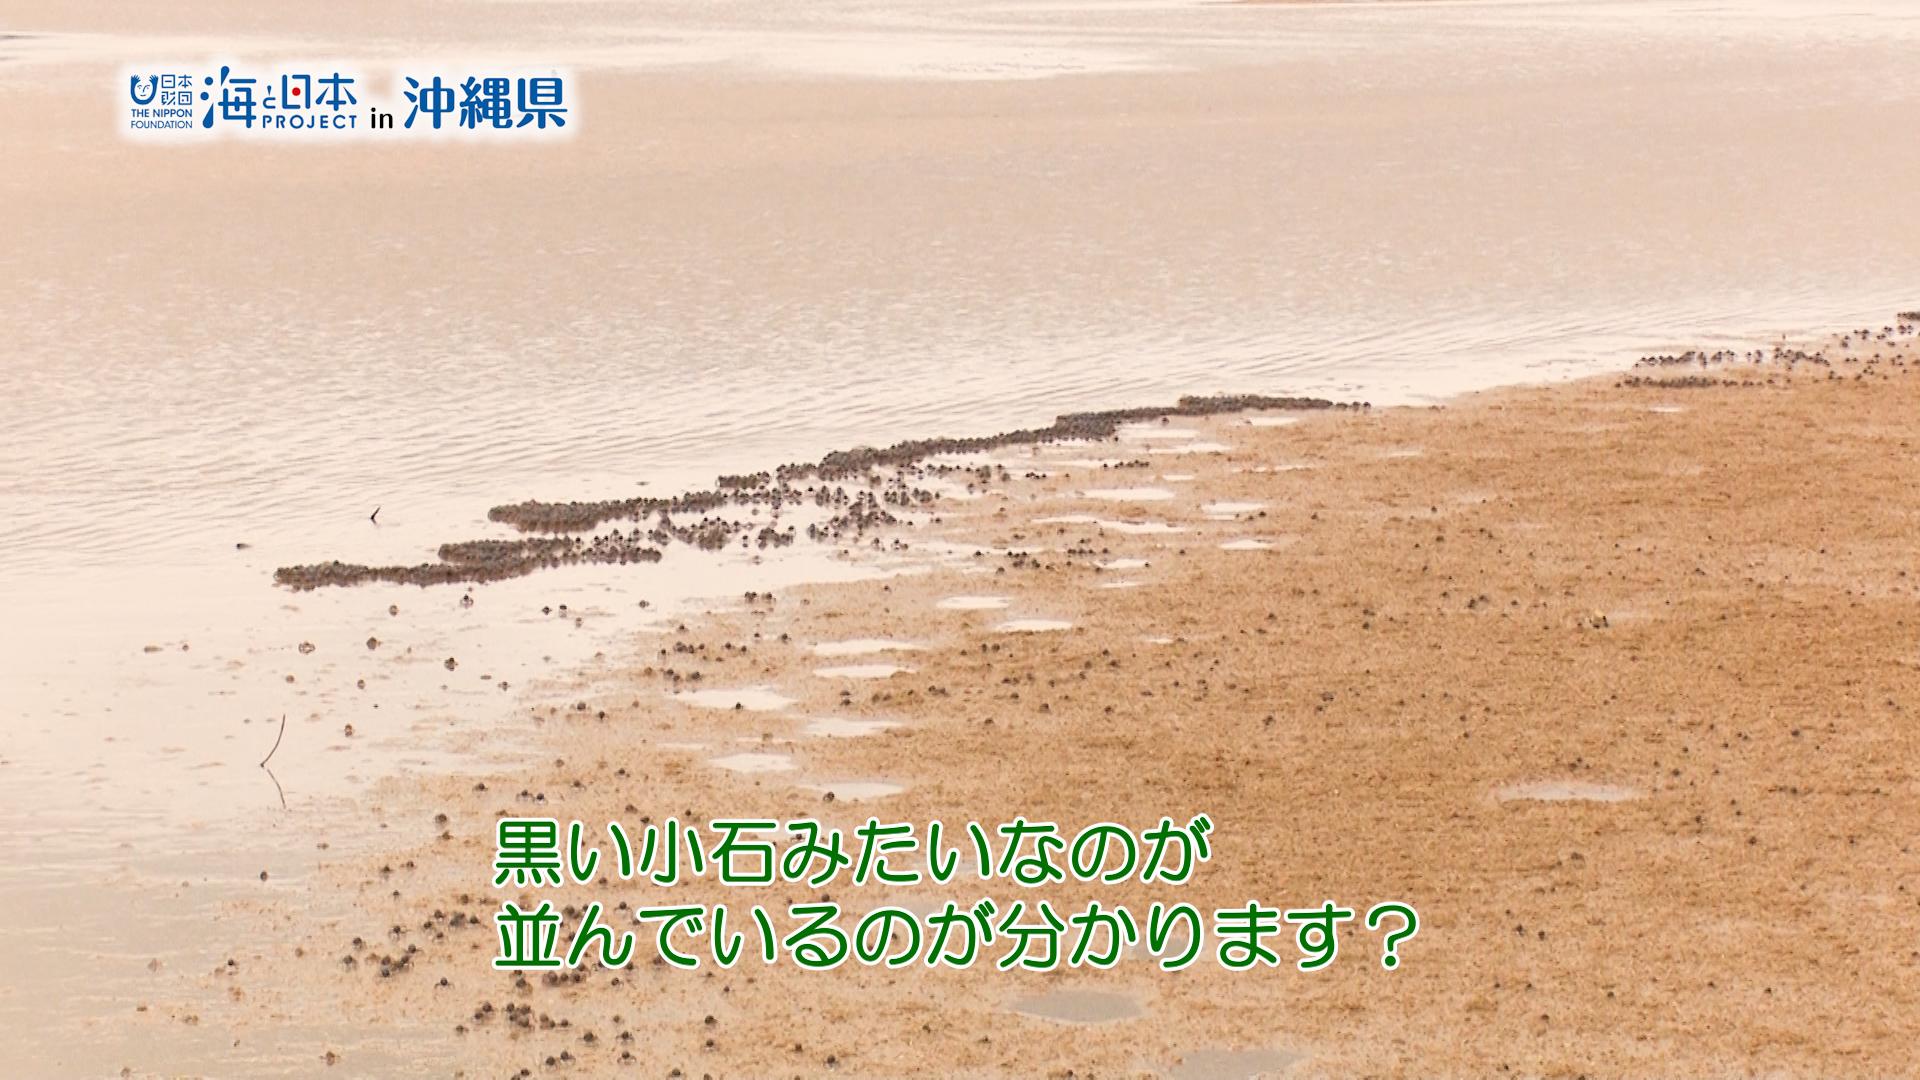 #9 平坂さん.00_01_00_06.静止画009